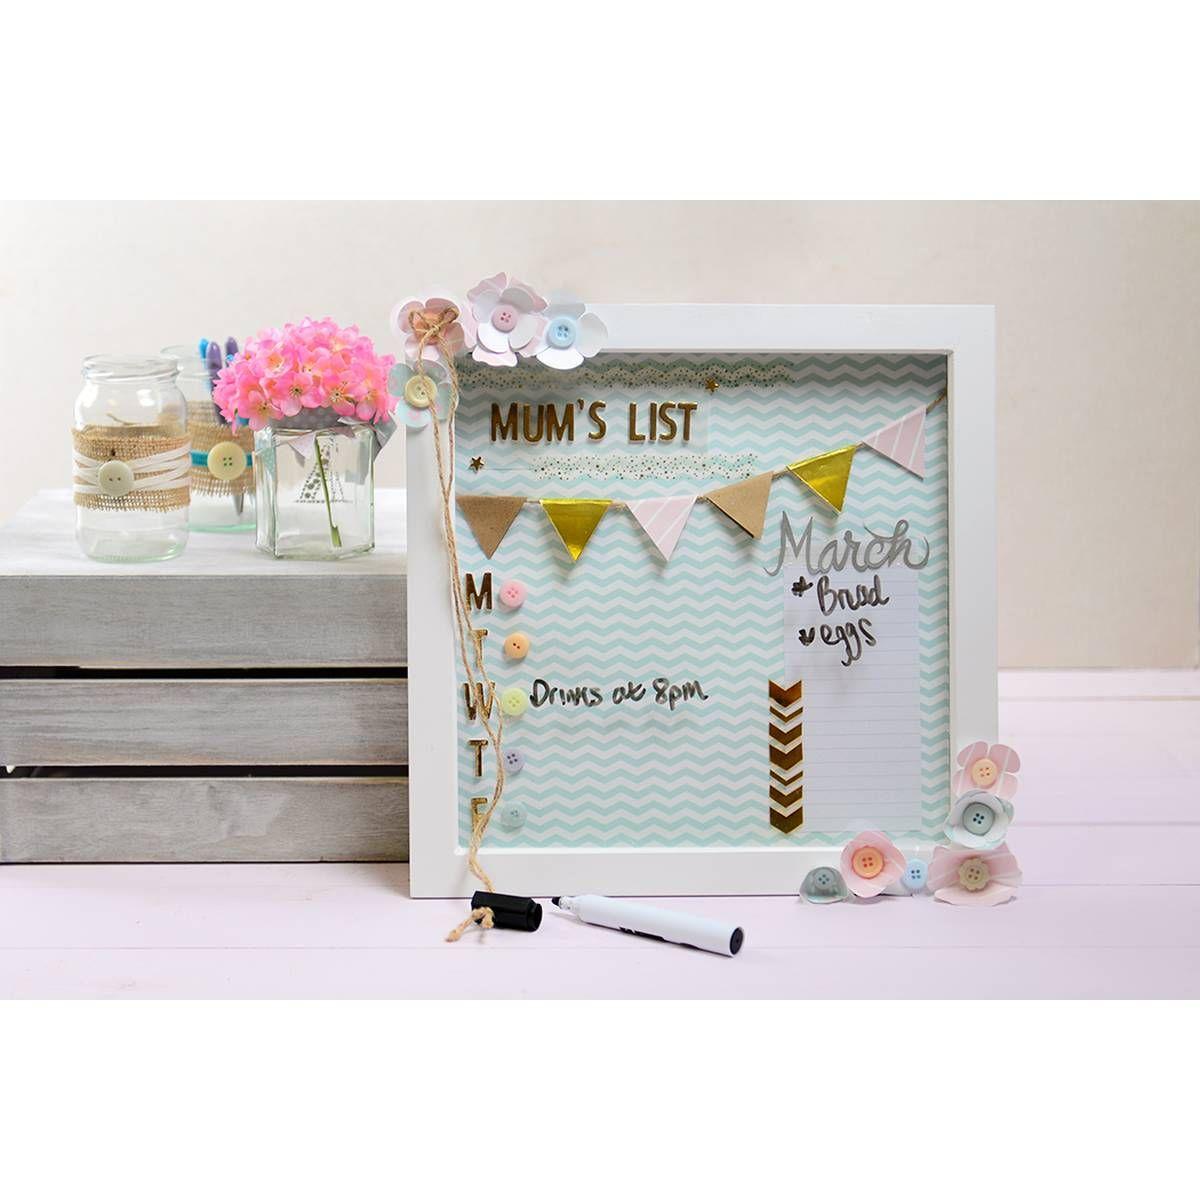 White Box Frame 30 x 30 cm | Pinterest | White box frame, White box ...